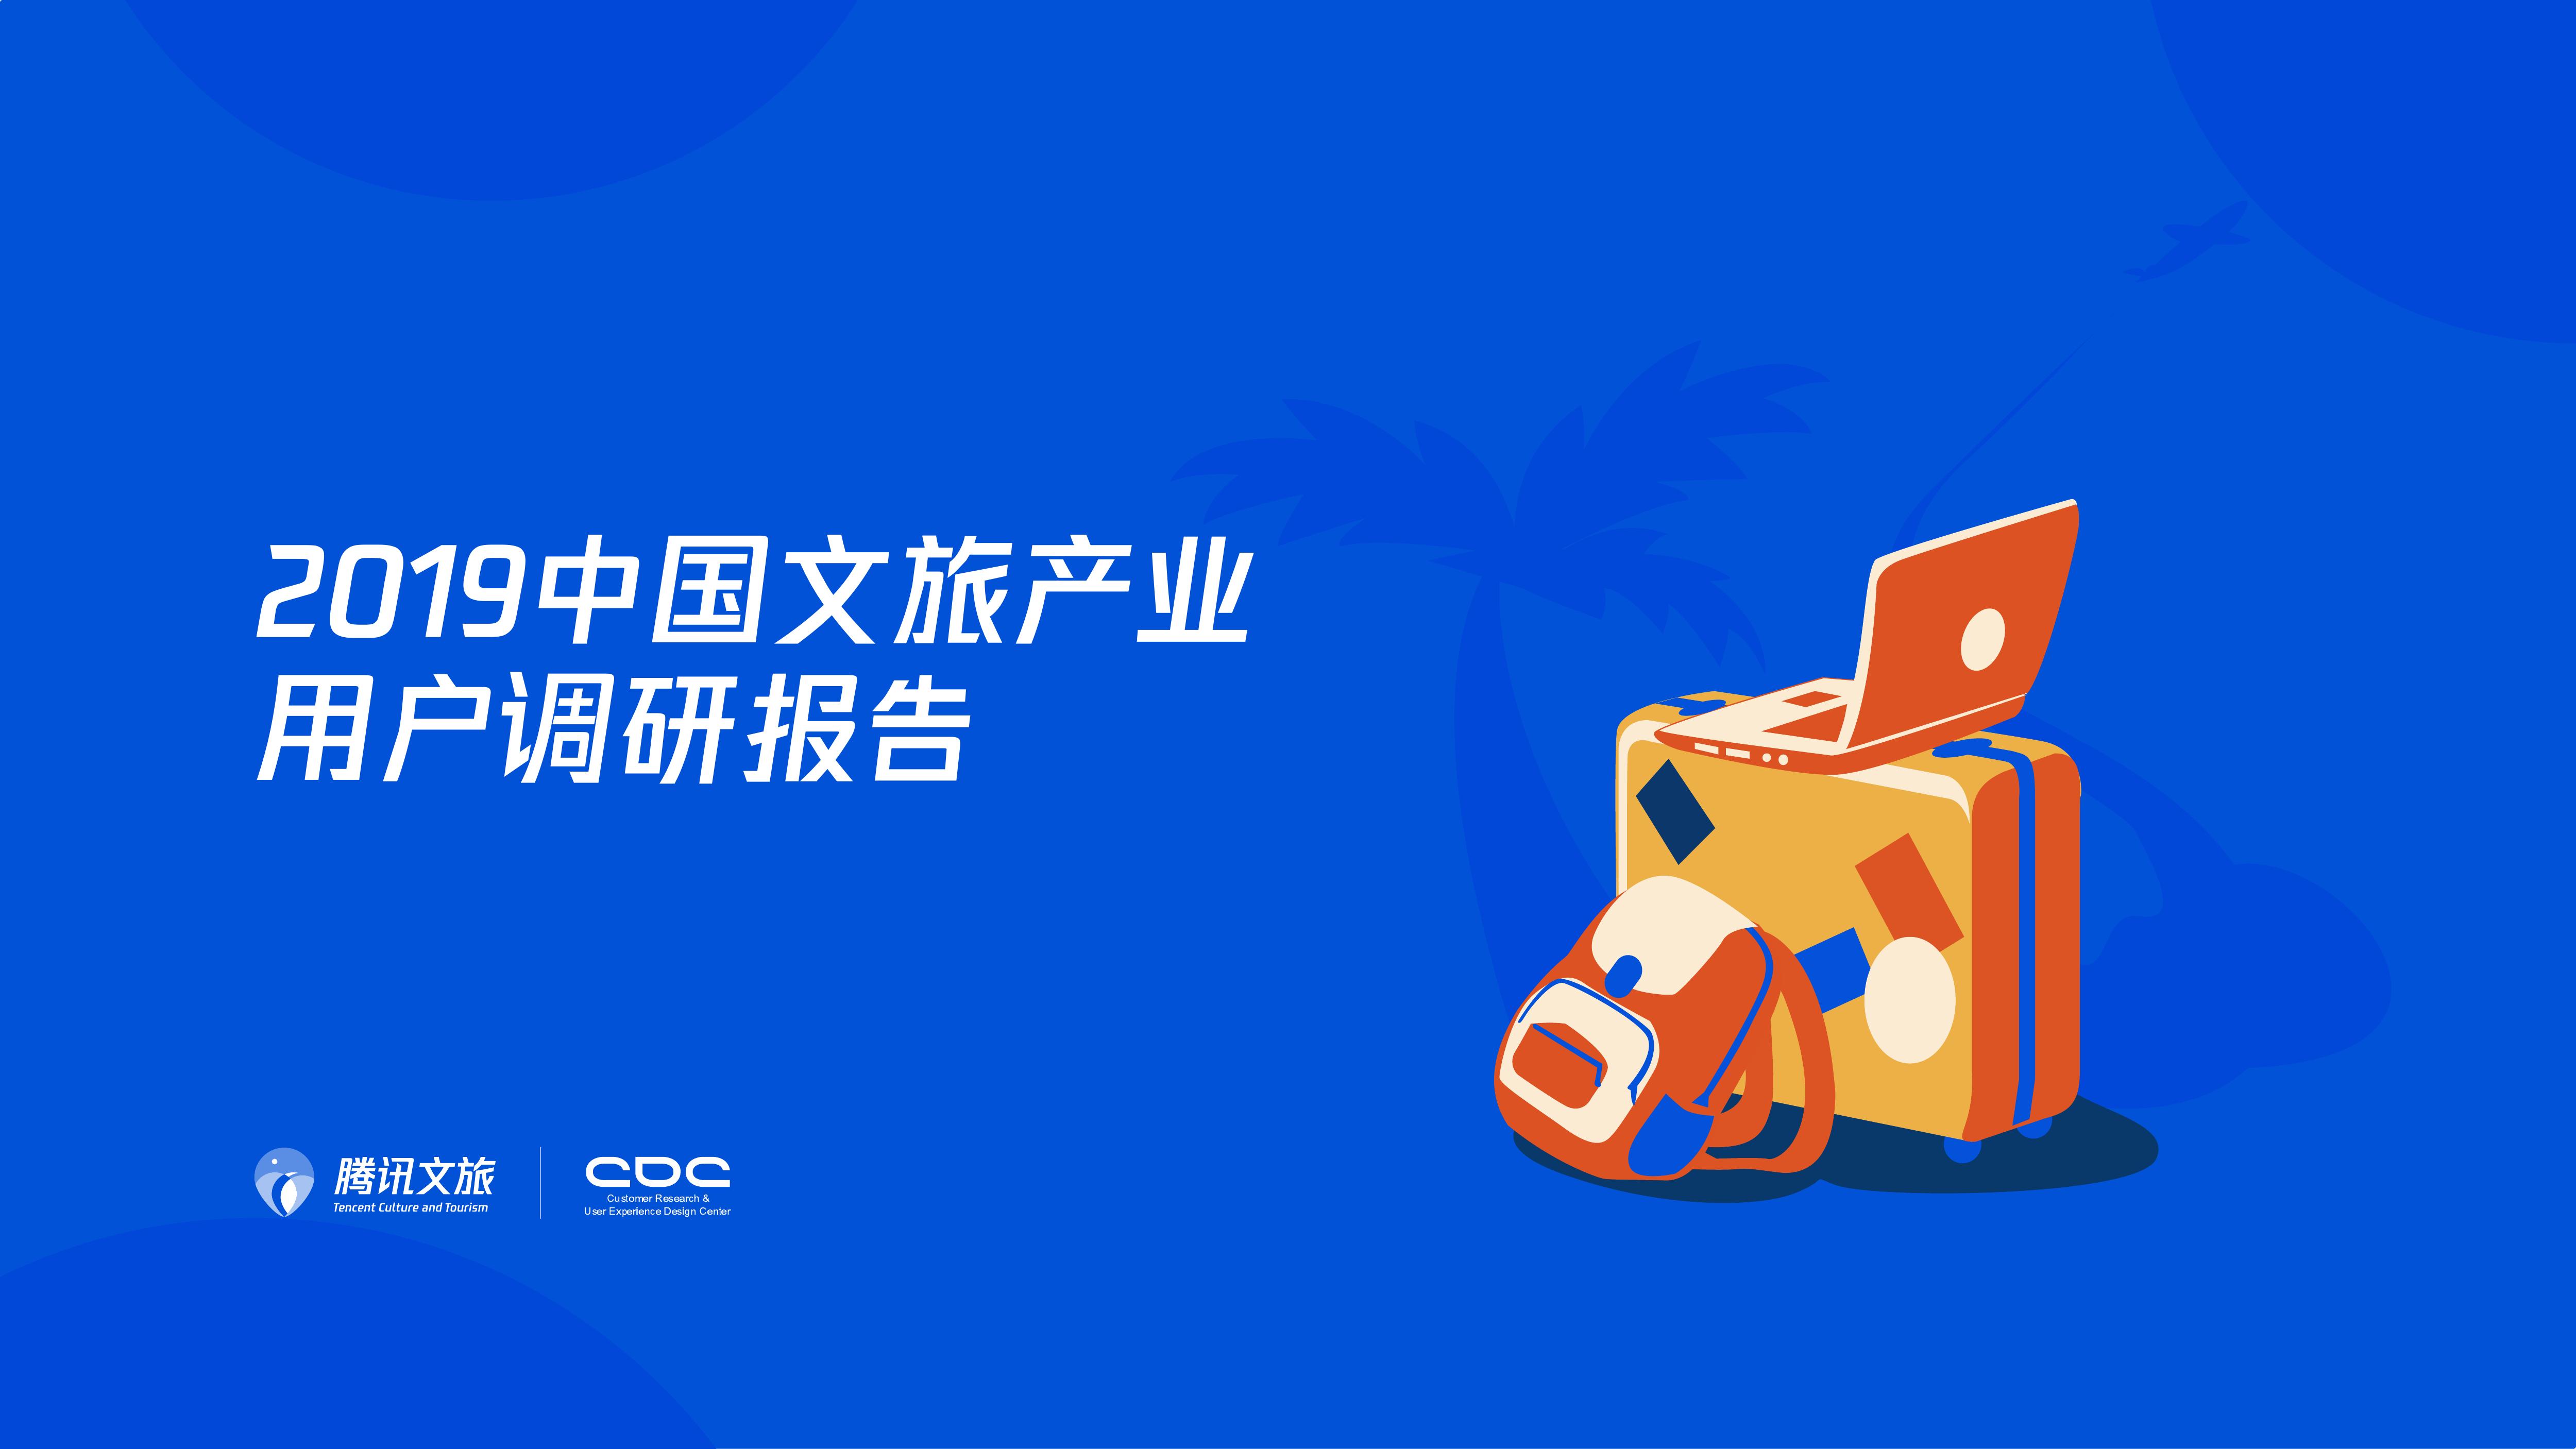 腾讯文旅&CDC:2019中国文旅产业用户调研报告(附下载)